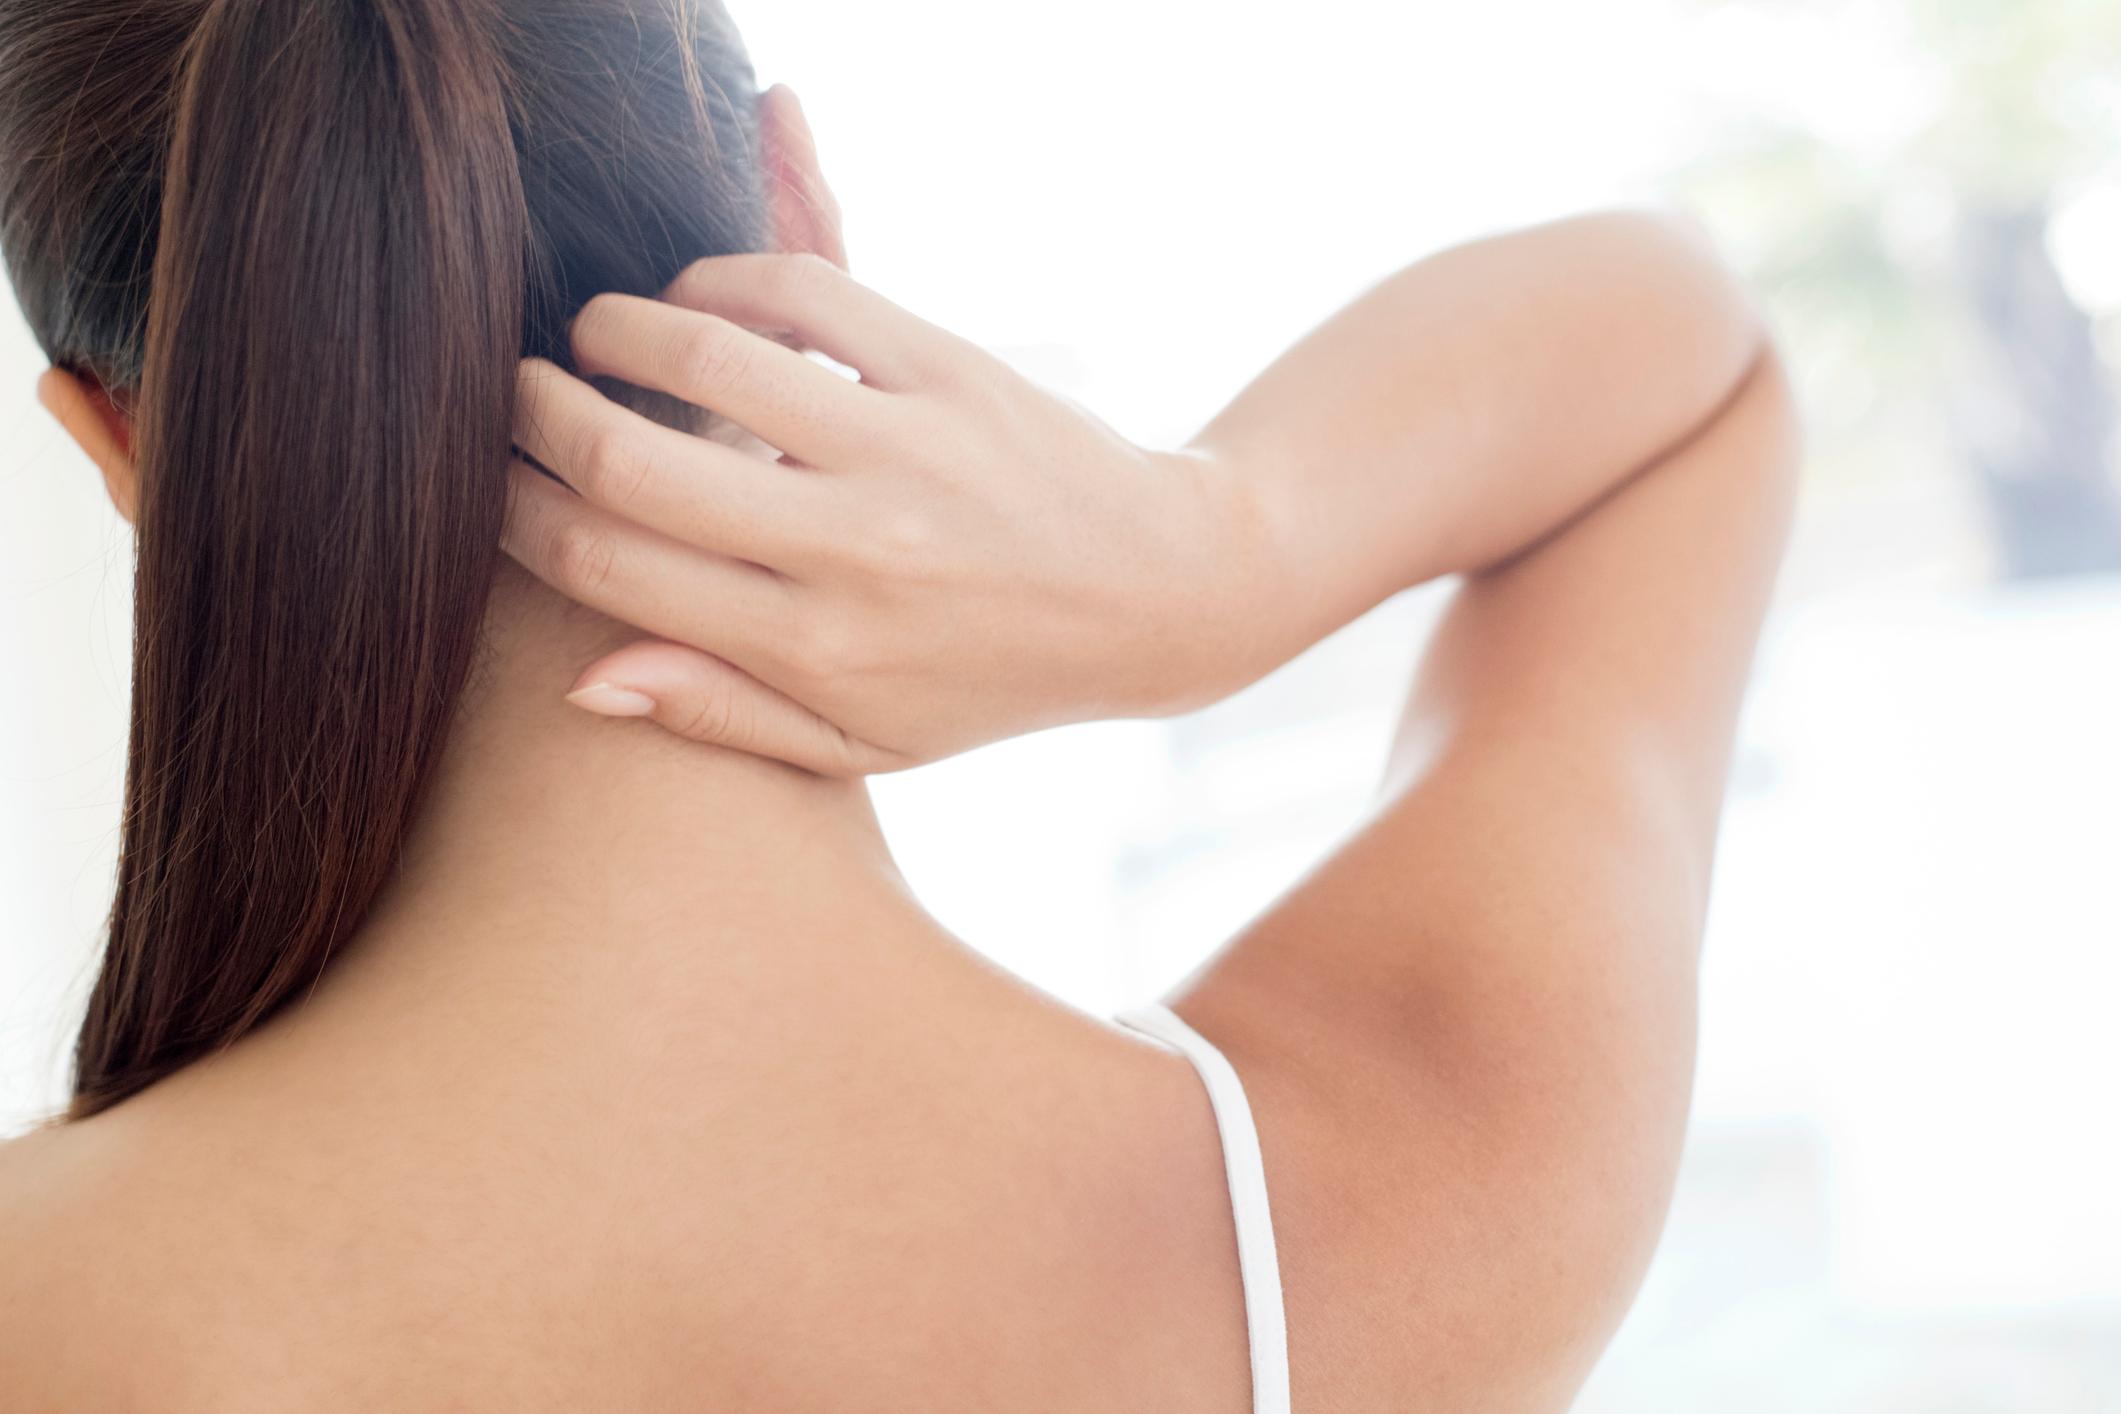 hogyan kell kezelni a pikkelysömör a test injekciókat